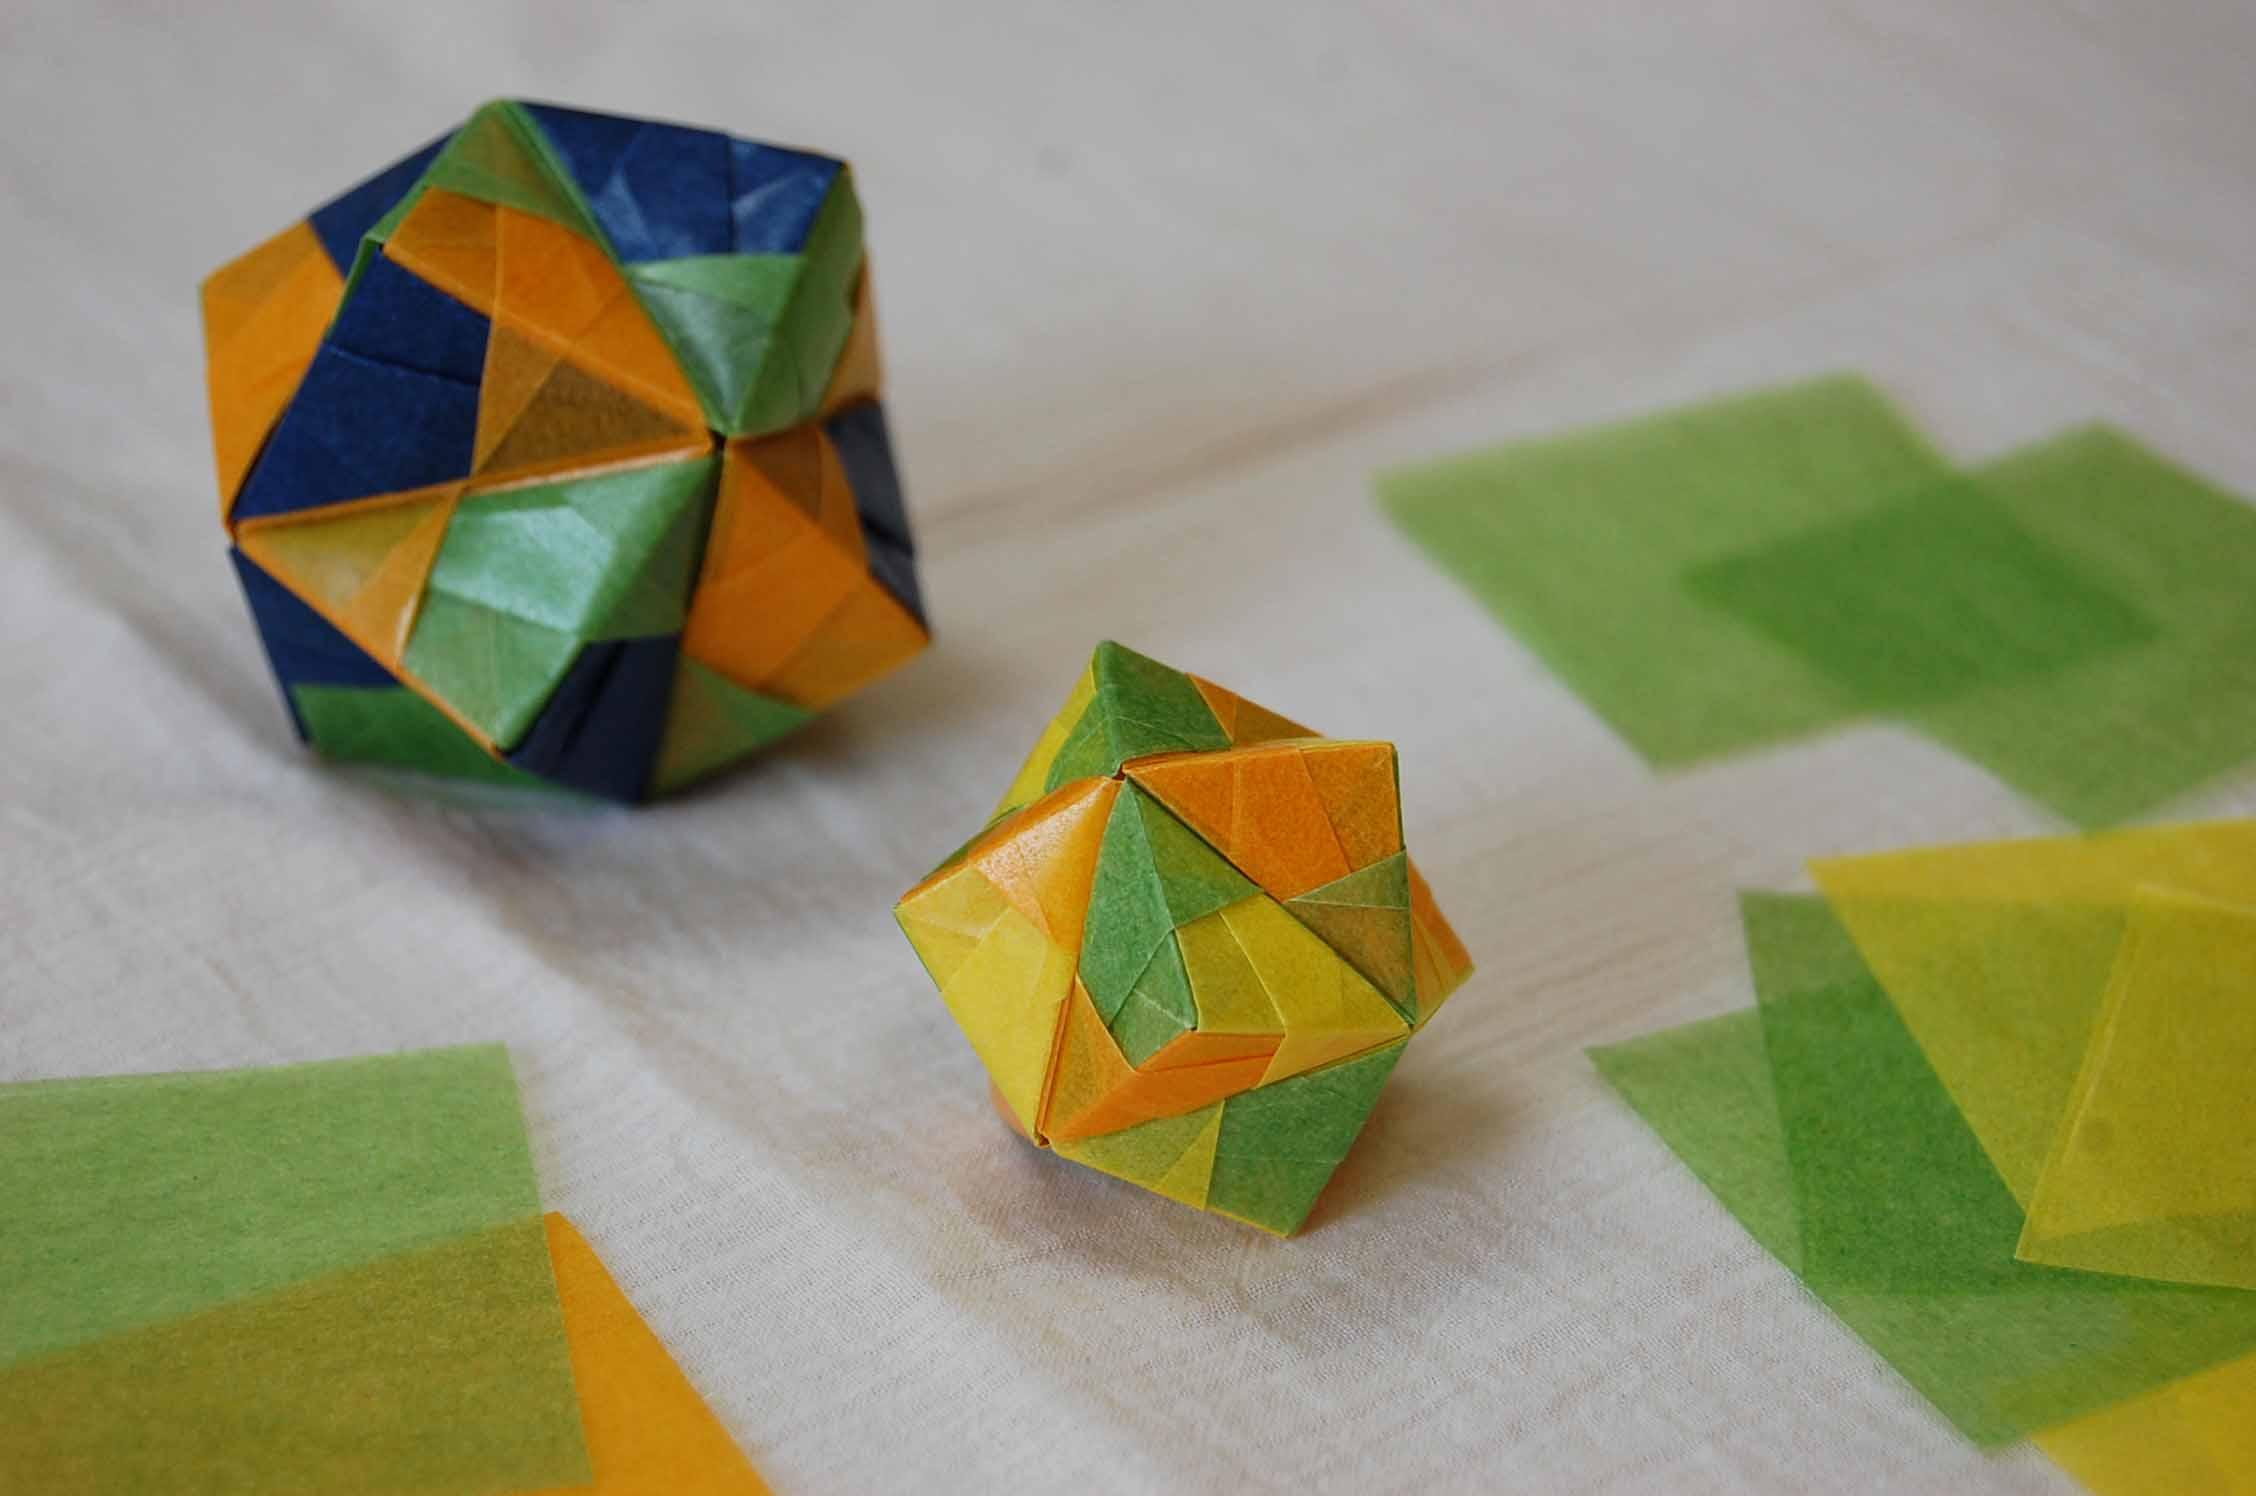 すべての折り紙 手作り折り紙 : ... を見ながらよく折り紙したな